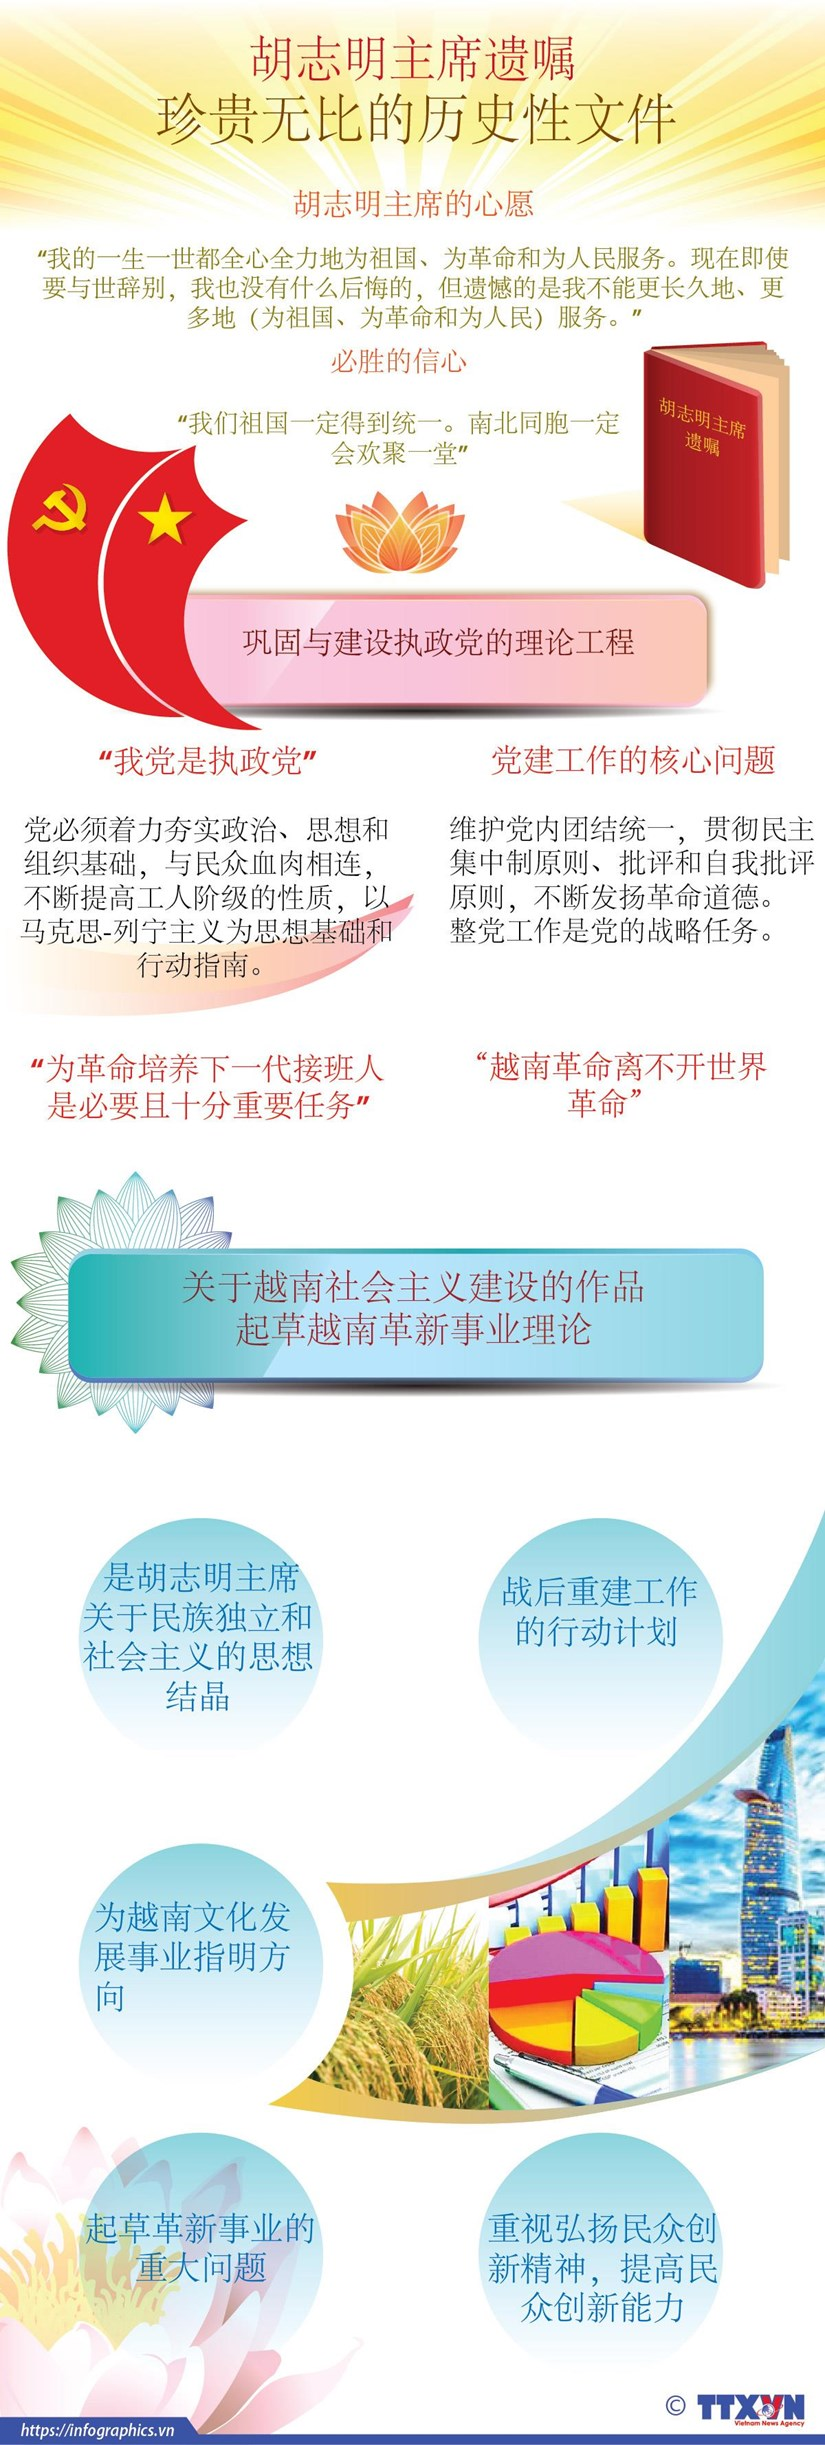 图表新闻:胡志明主席遗嘱——珍贵无比的历史性文件 hinh anh 1